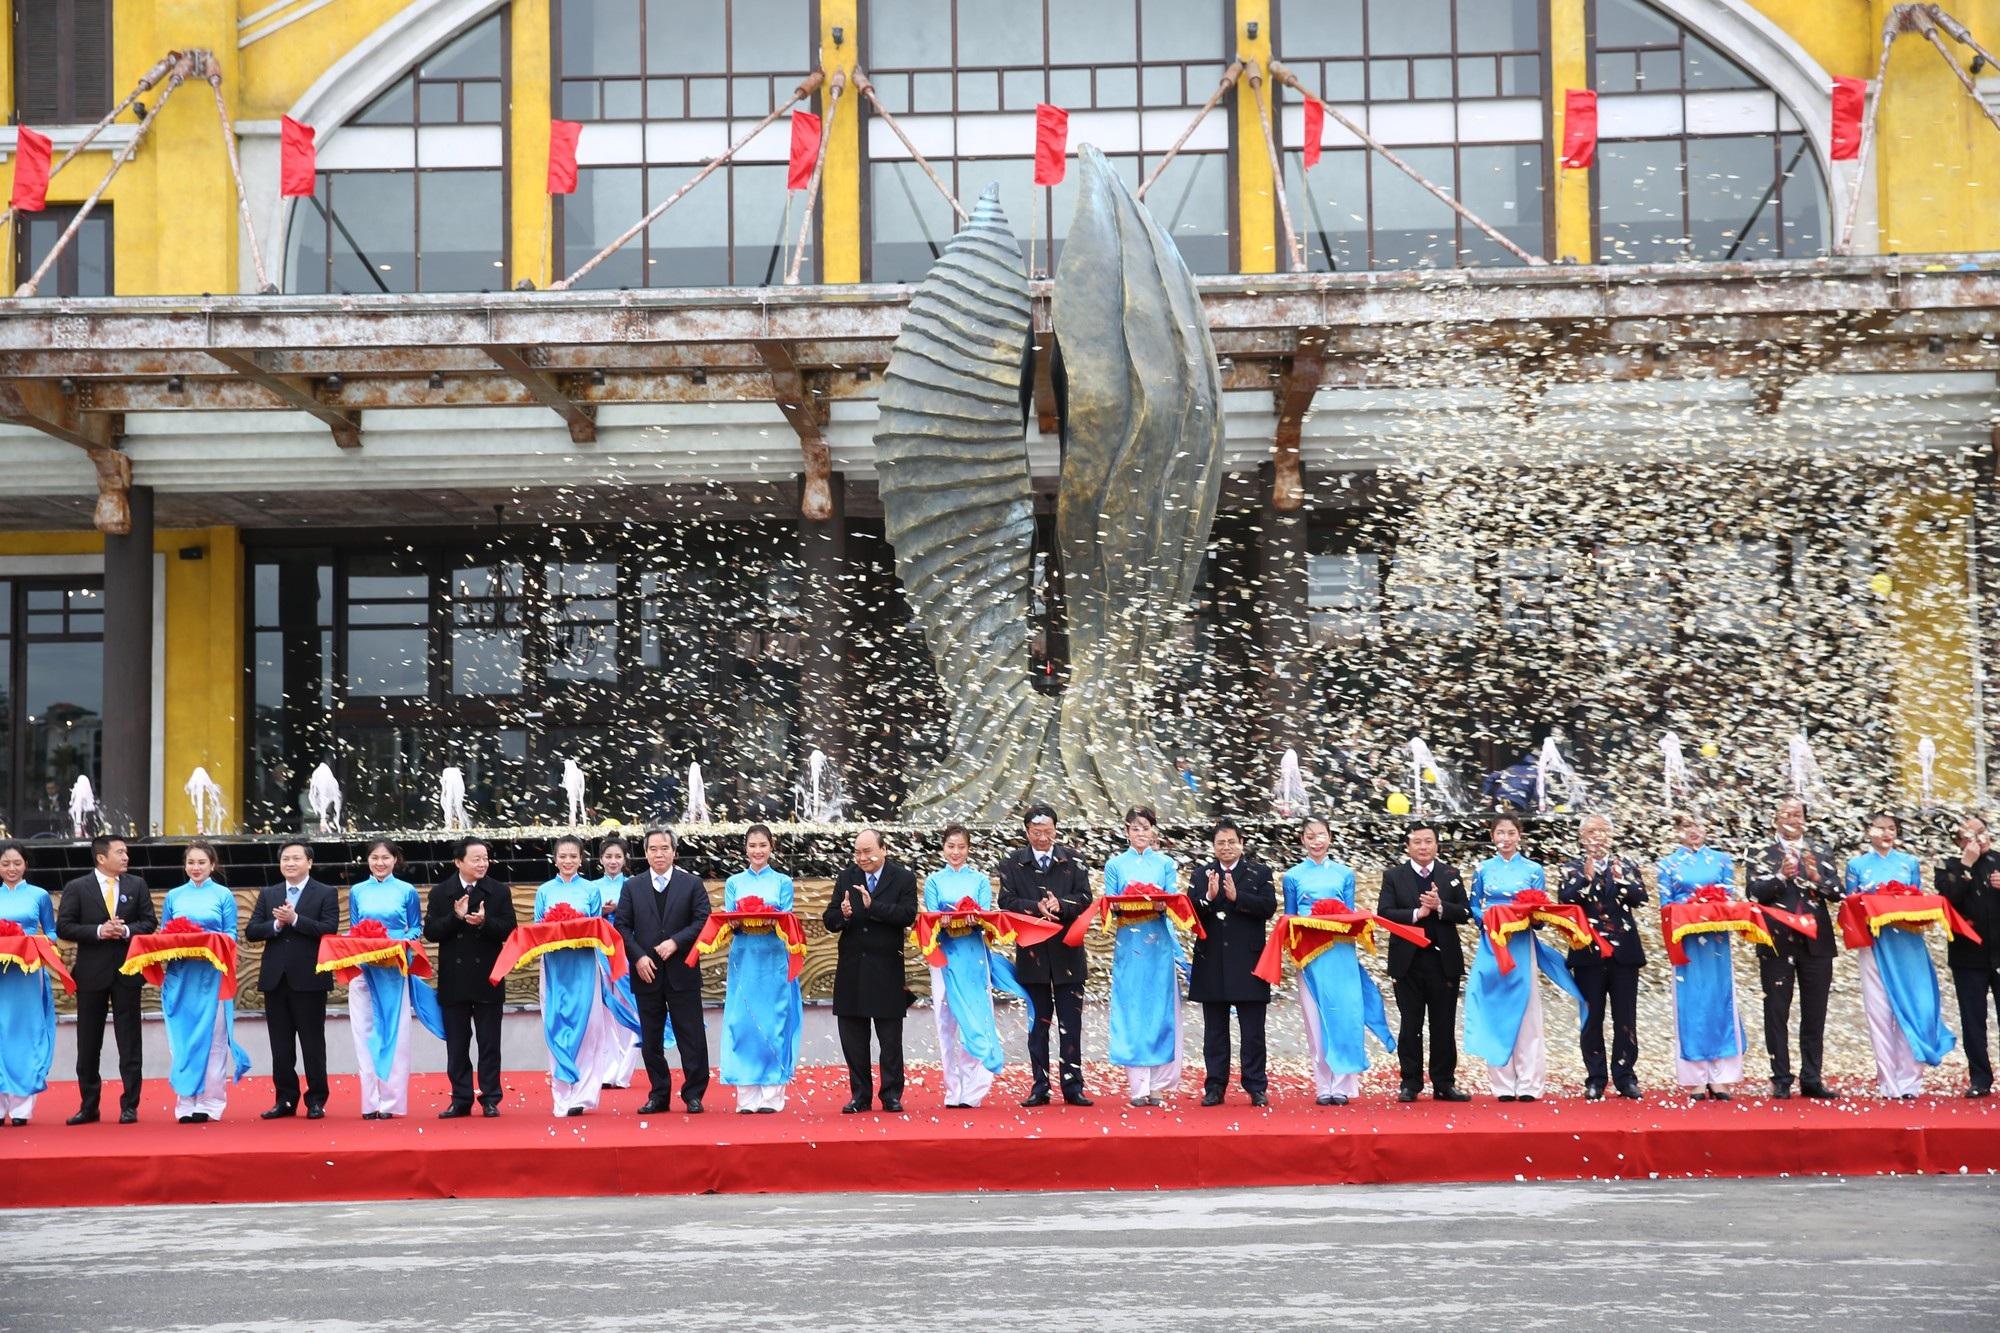 Thủ tướng nhấn nút khai trương cao tốc 12 nghìn tỉ Hạ Long- Vân Đồn và Cảng tàu khách du lịch quốc tế Hạ Long - Ảnh 6.